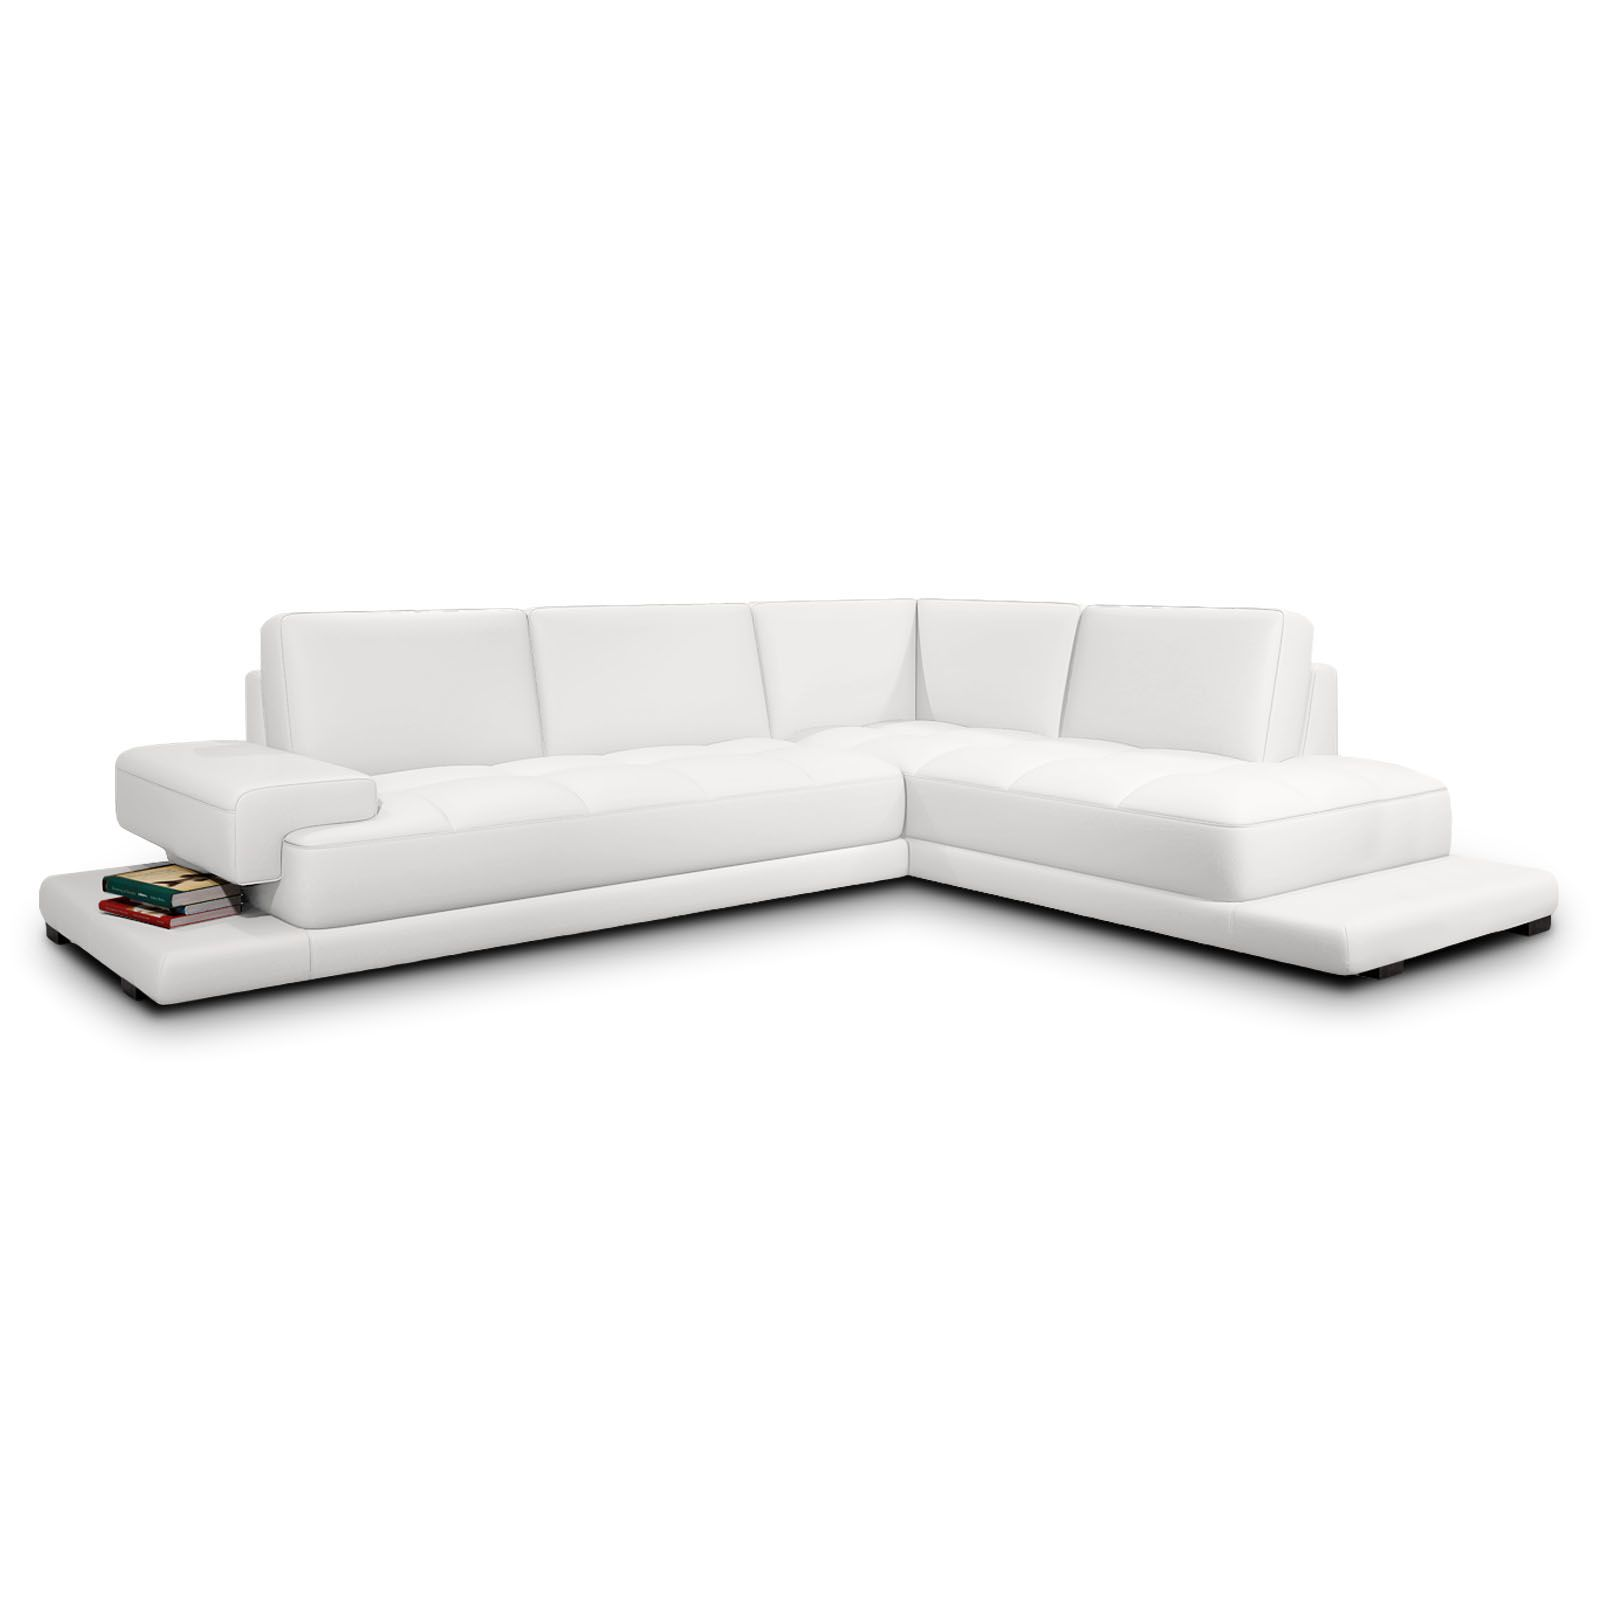 Ledersofa modern beige  Ecksofa Palermo Echt Leder Sofa weiss mit Ablage modern seitlich ...